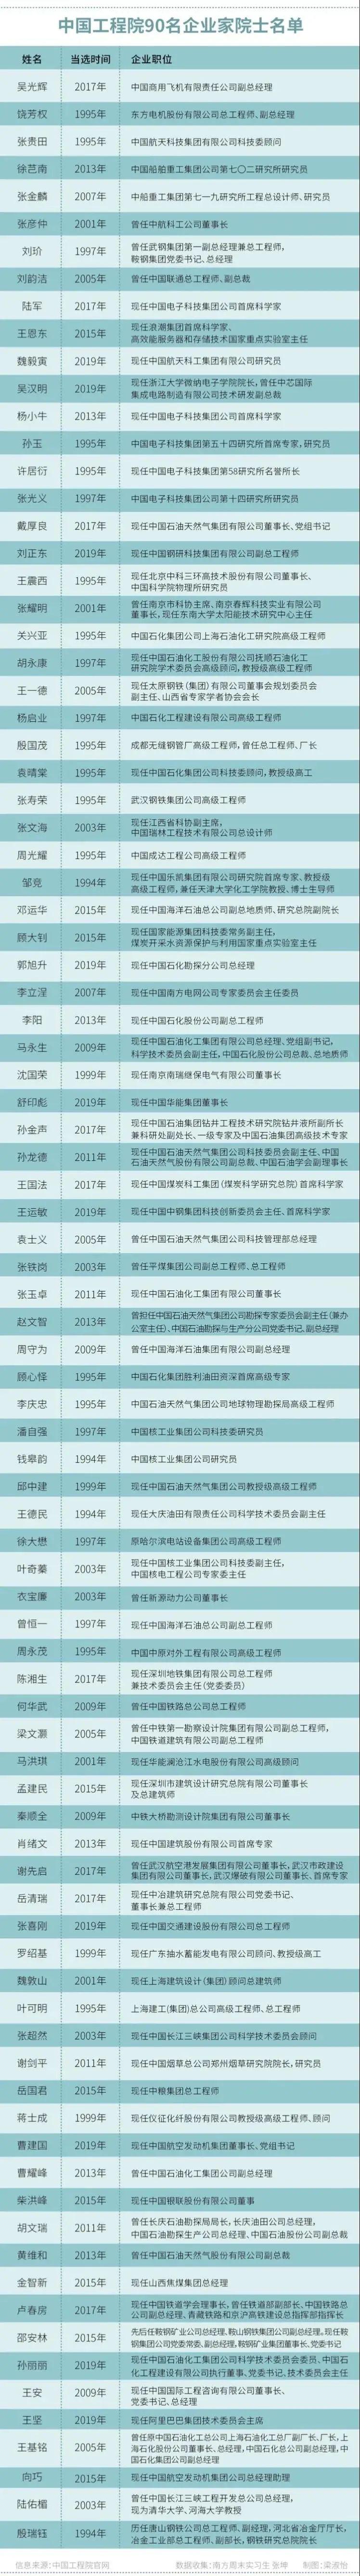 中国工程院90名企业家院士名单(图源:南方周末)